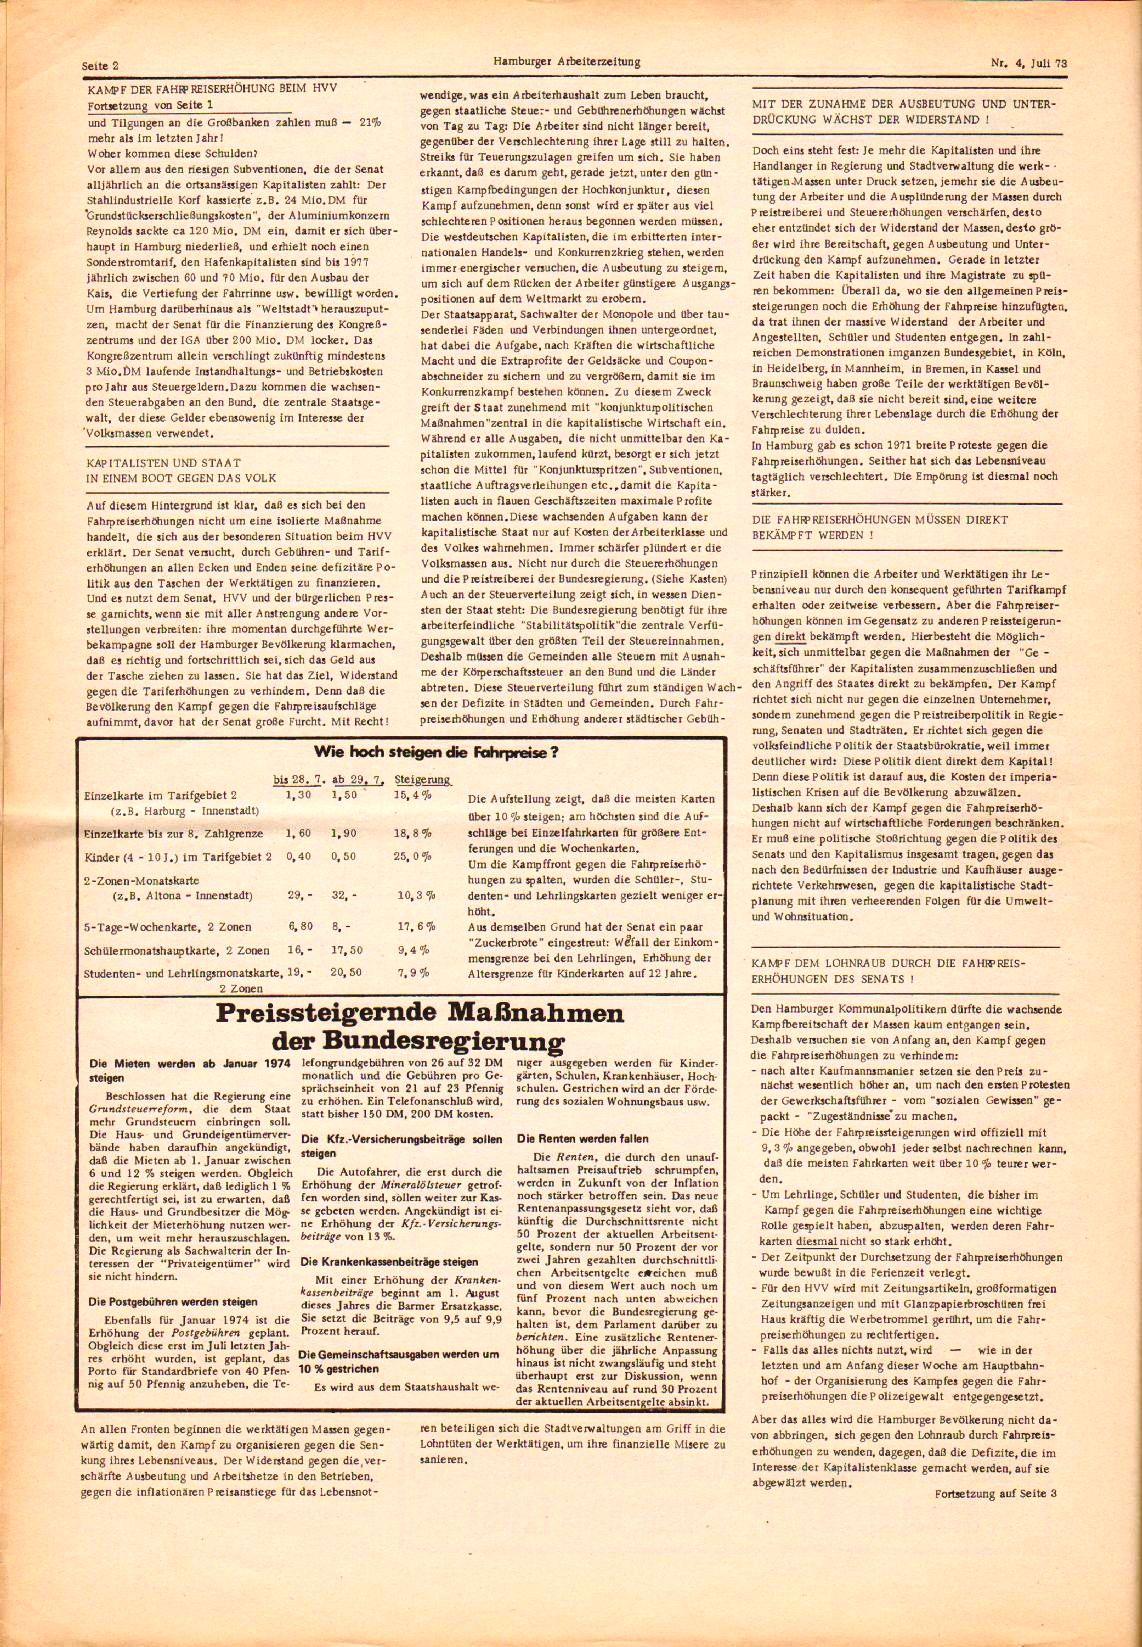 Hamburger_Arbeiterzeitung066